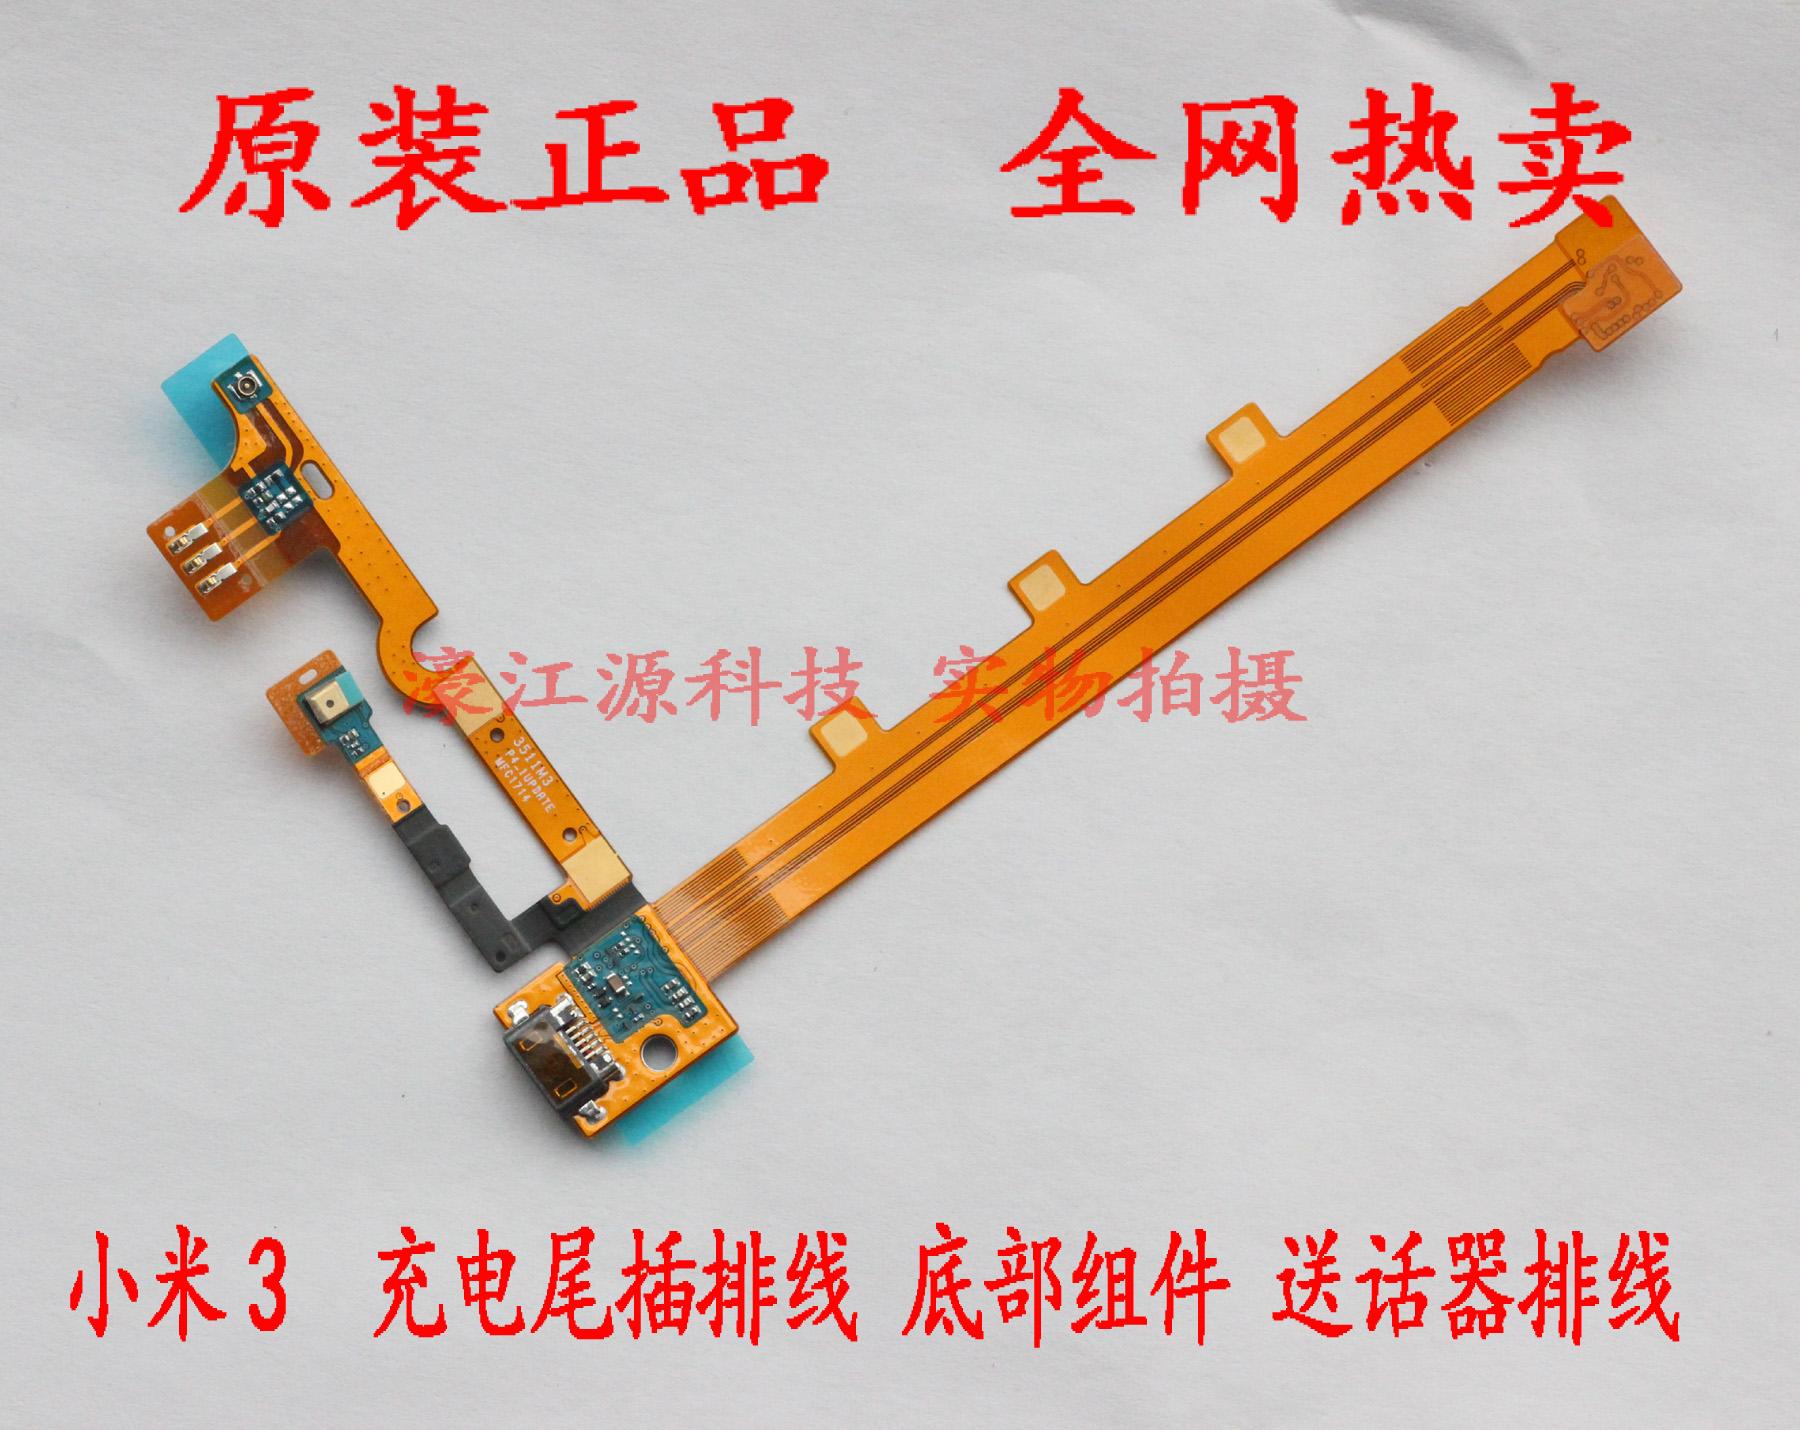 图纸3尾插排线_米3尾插排线_小米3建房排线原小米开机v图纸图片